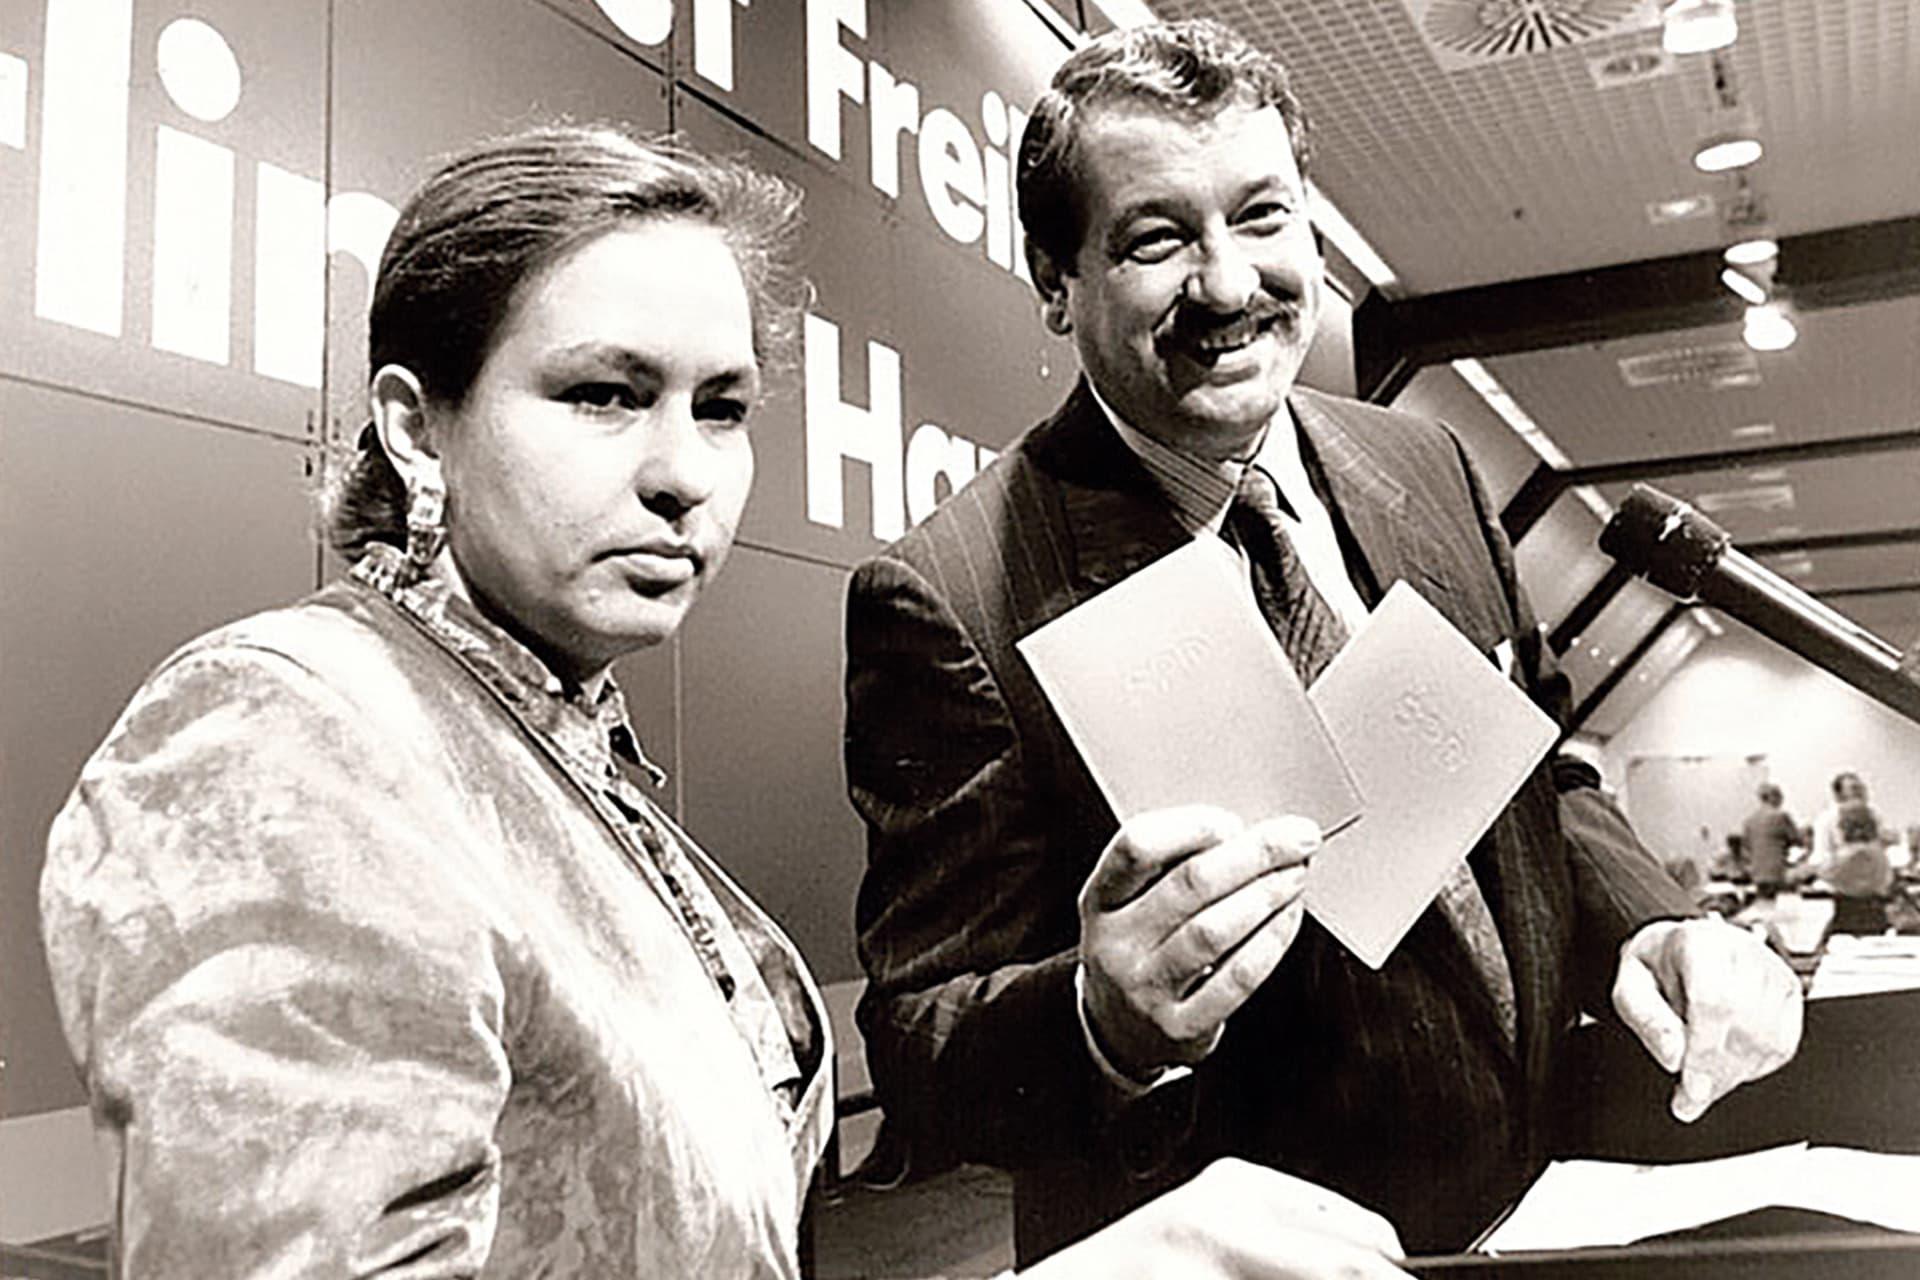 Anne-Kathrin Pauk (l.), bis zu diesem Zeitpunkt Vorsitzende des SPD-Bezirksverbandes Ost-Berlin, erhält nach dem Zusammenschluss mit dem West-Berliner SPD-Landesverband, als erste ihr Parteibuch aus der Hand von Hans-Georg Lorenz, damals Geschäftsführender Landesvorsitzender.